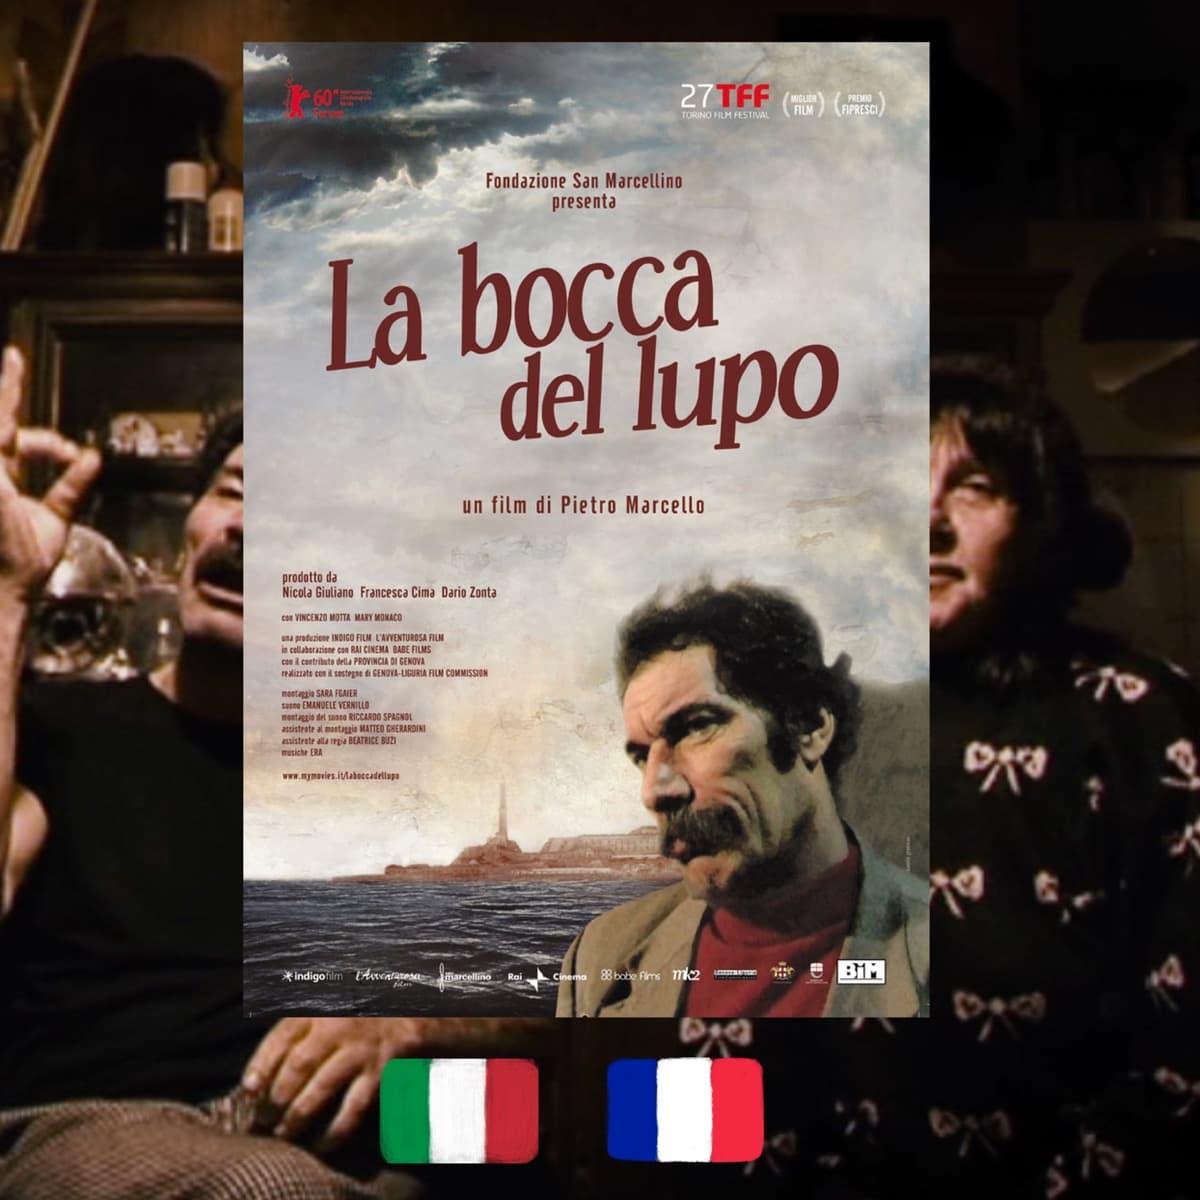 The Mouth of the Wolf, Pietro Marcello, La bocca del lupo, movie poster